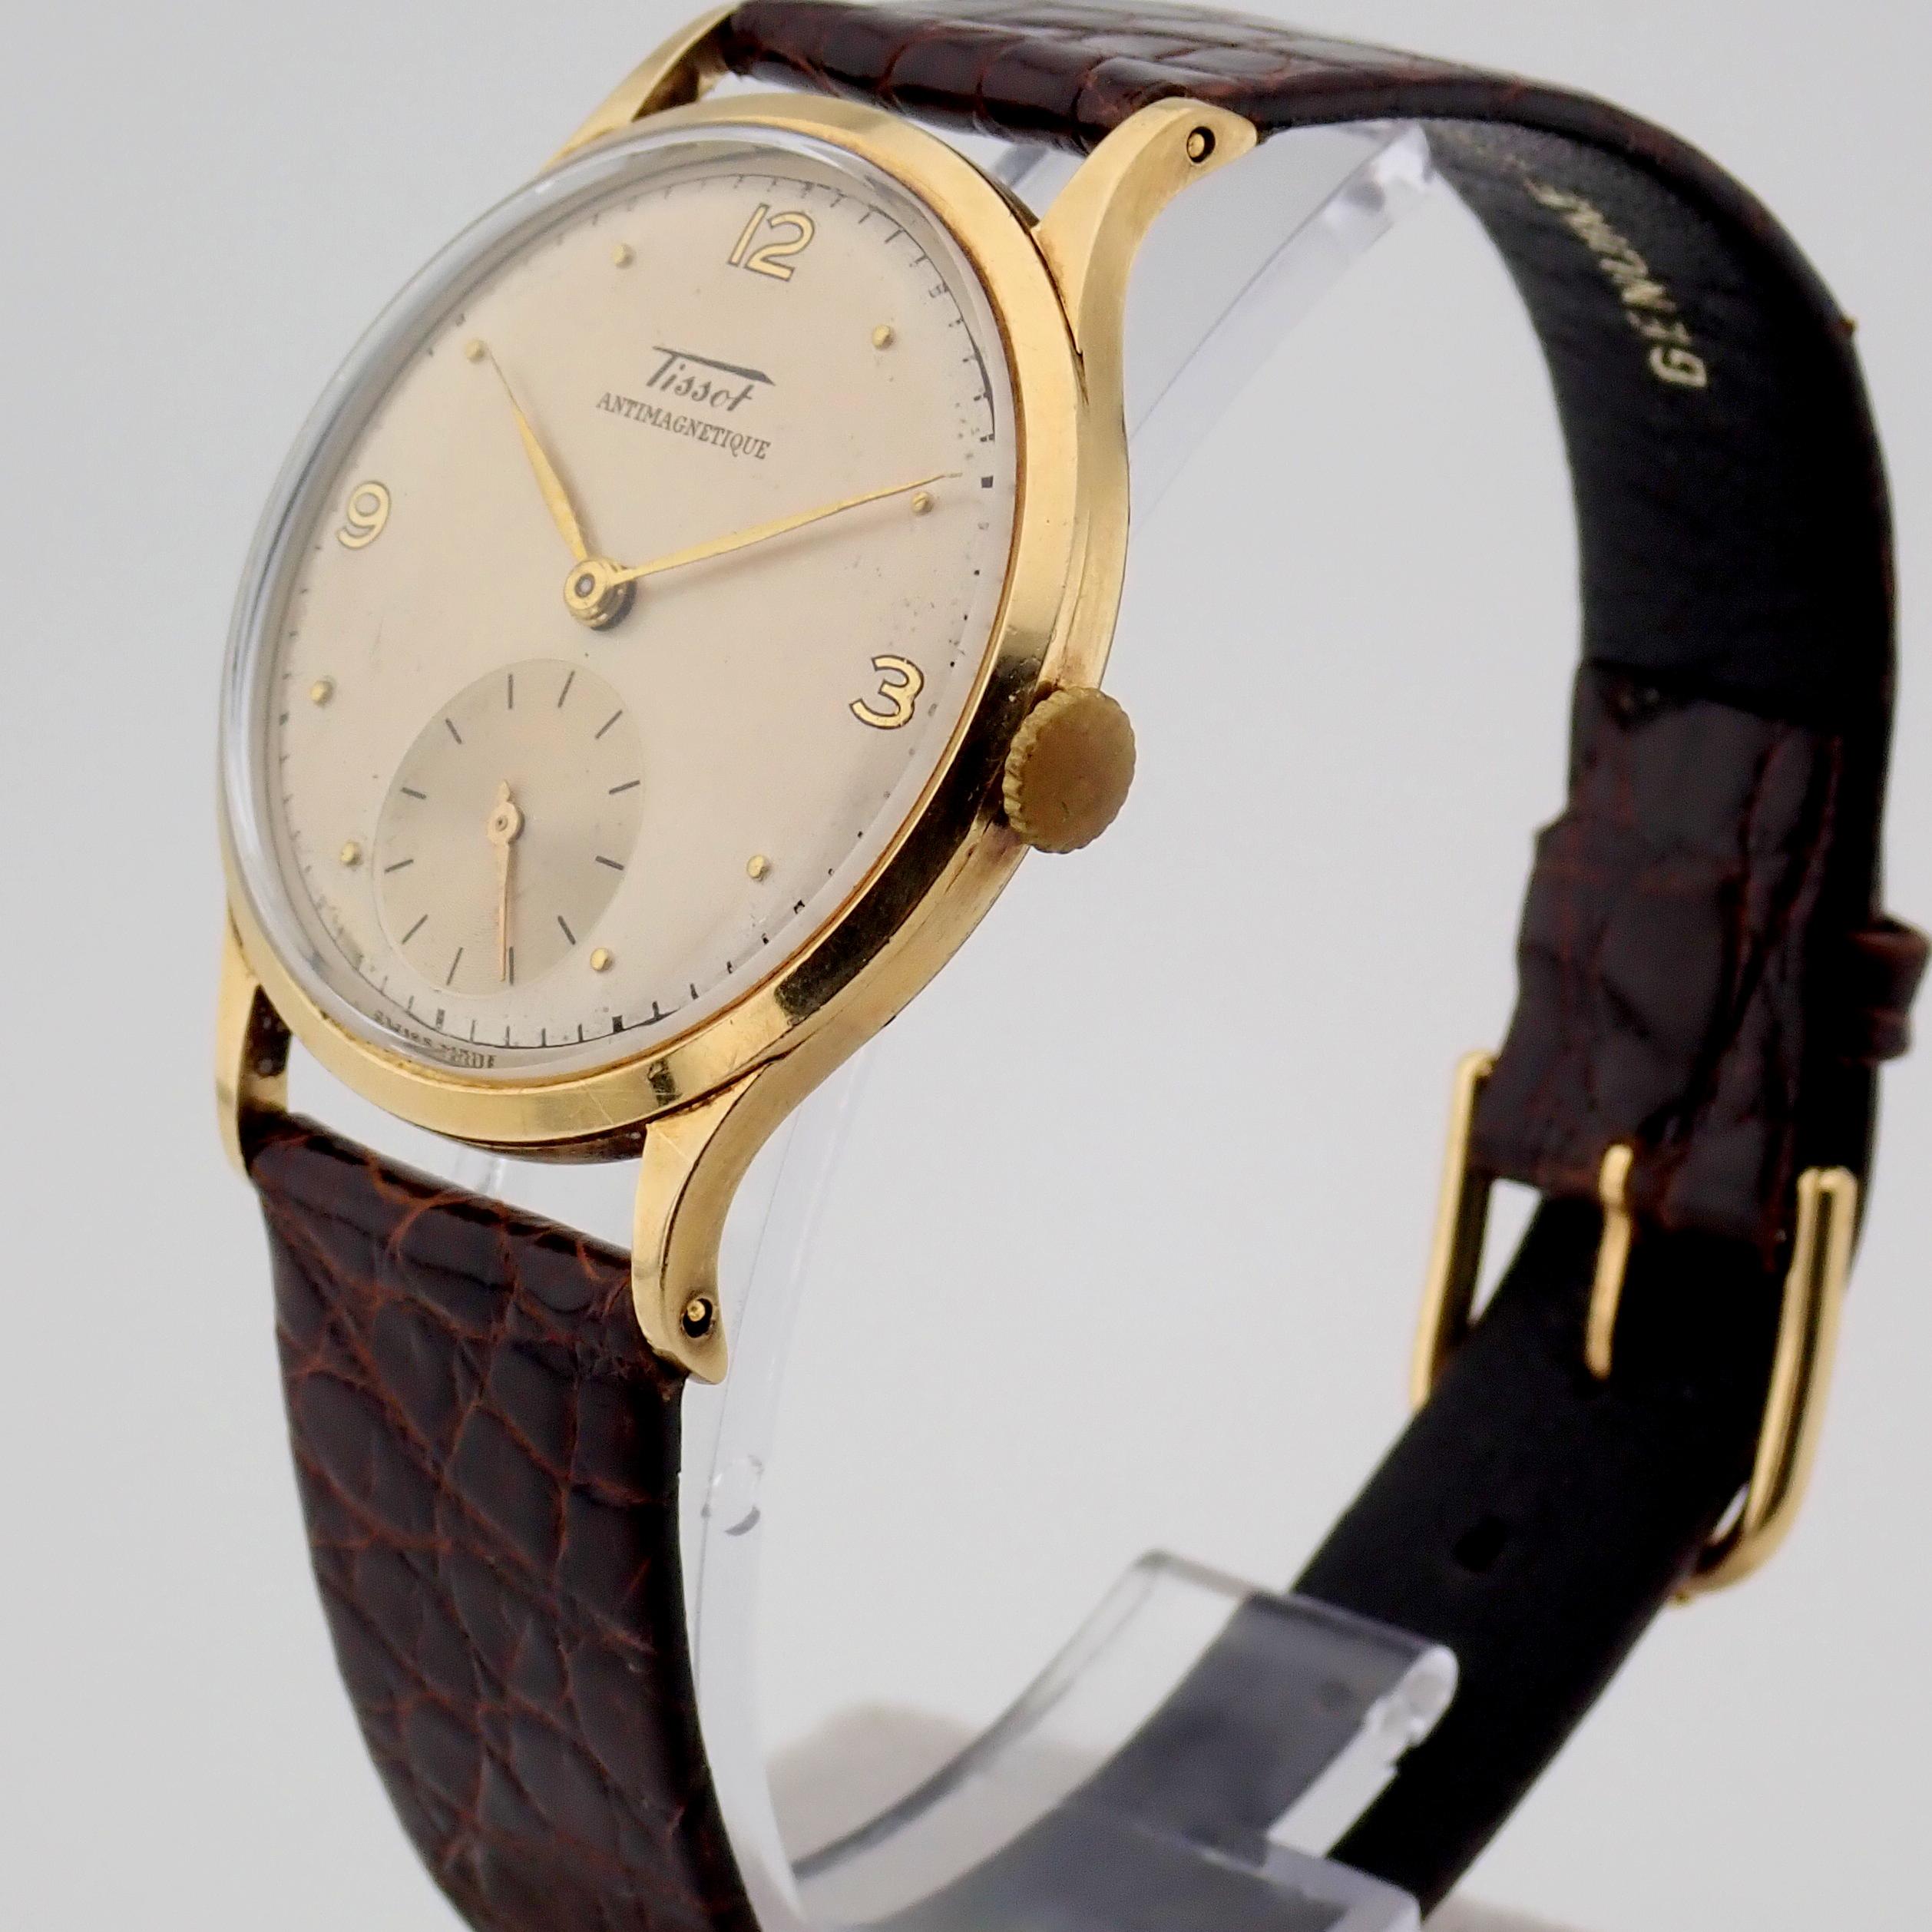 Tissot / Antimagnetique Classic 14K - Gentlemen's Yellow gold Wrist Watch - Image 9 of 12